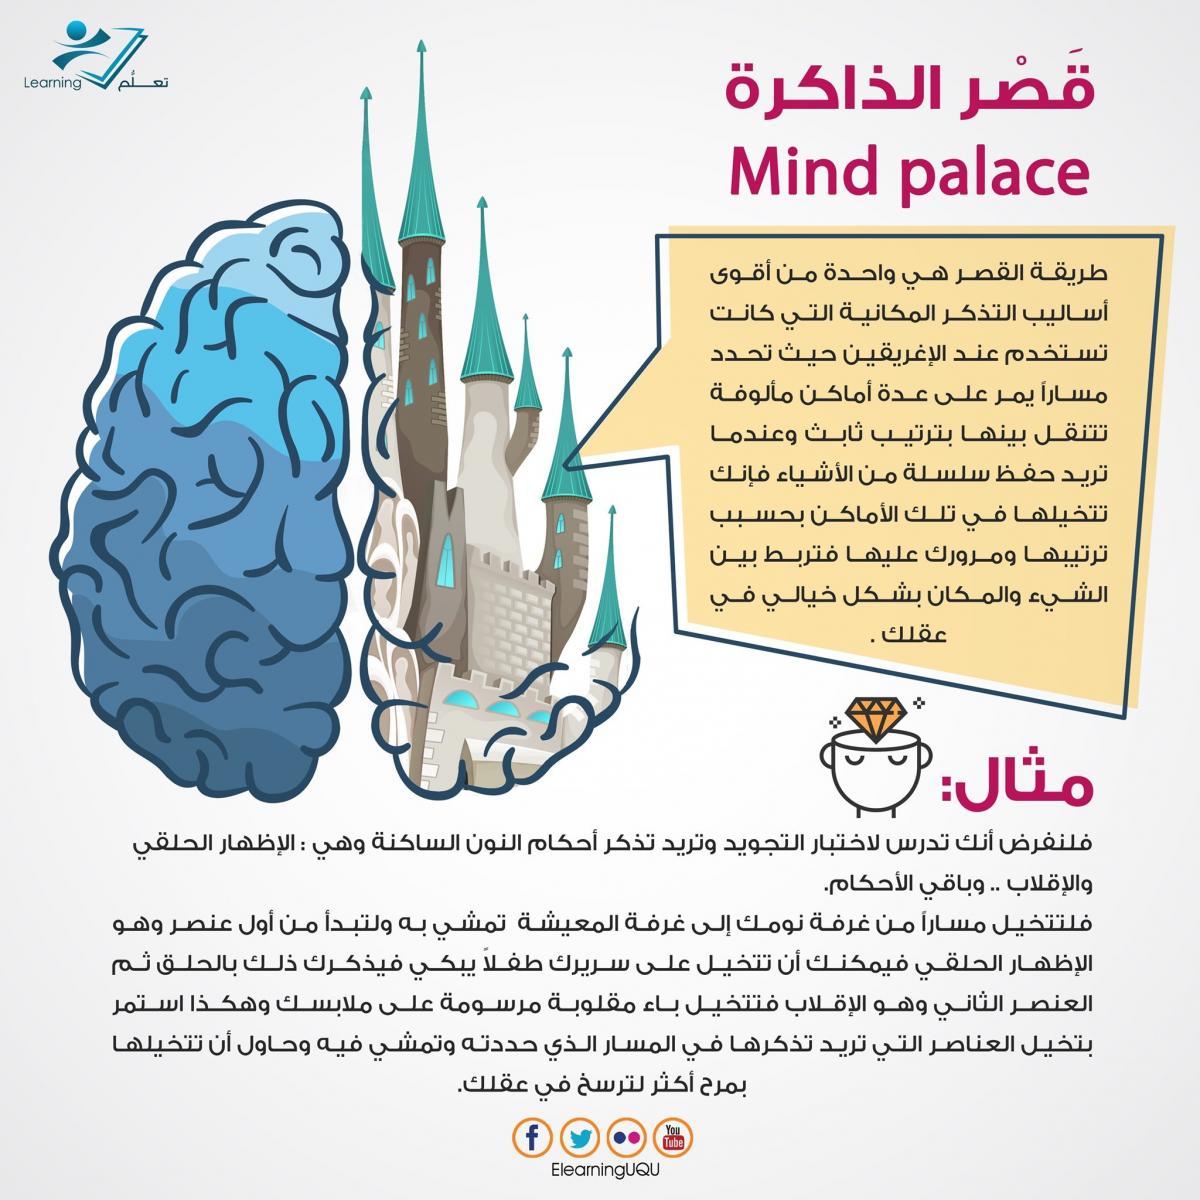 مبادرة تحفيزية للطالبات أيام الاختبارات بعنوان نزهة فكرية عمادة